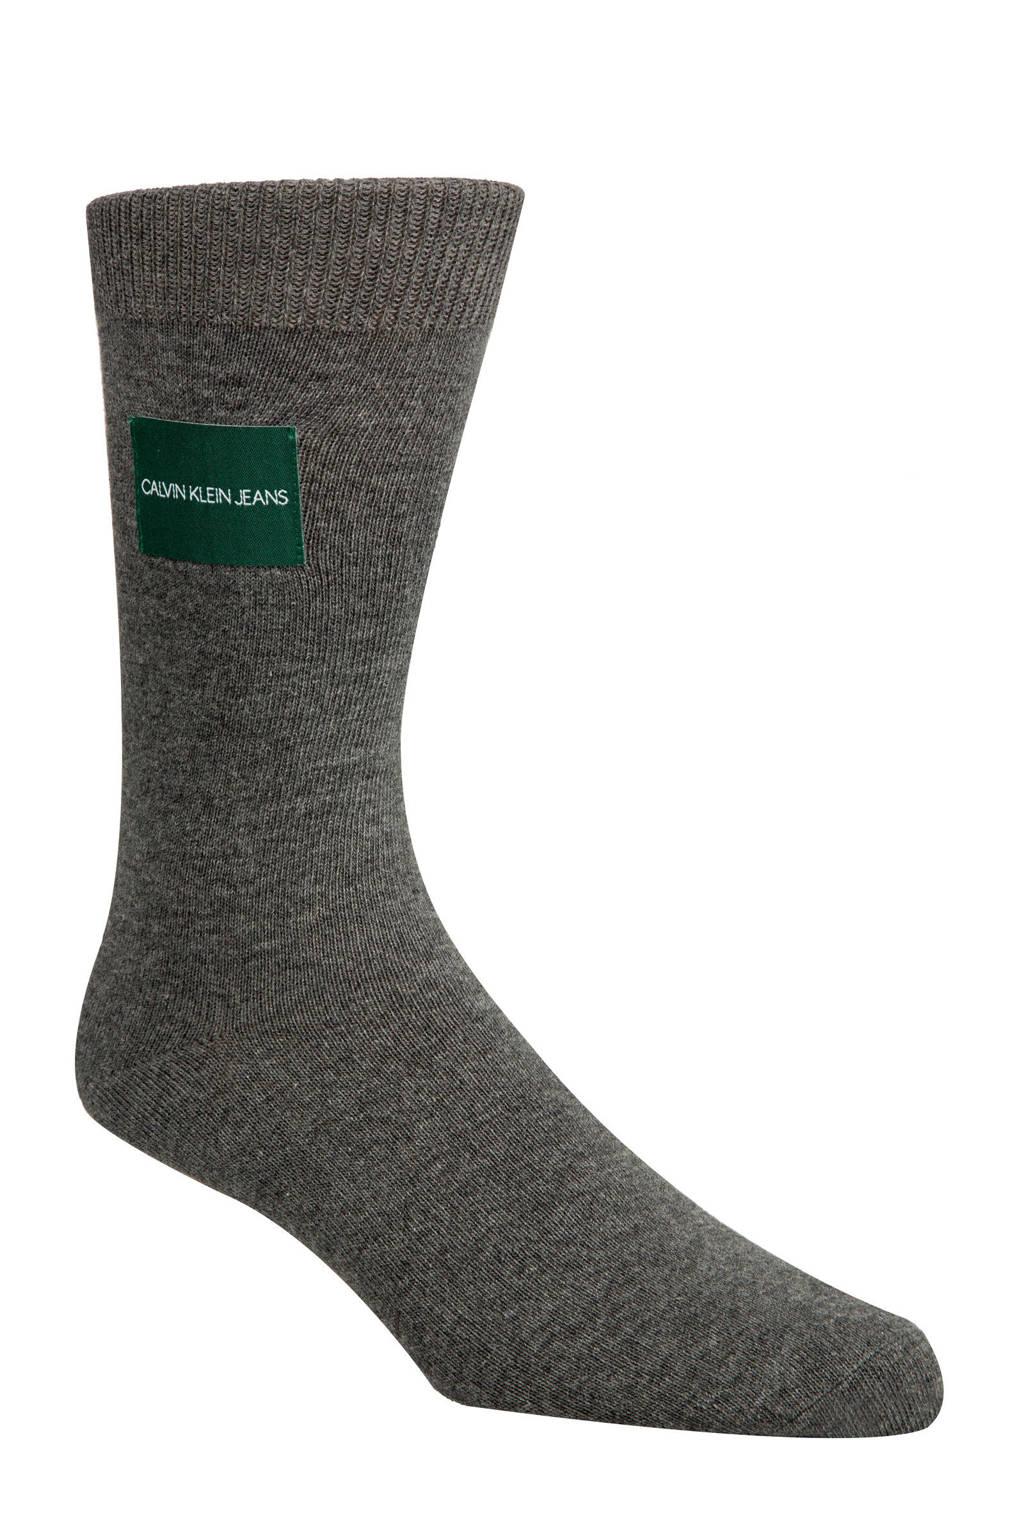 CALVIN KLEIN sokken antraciet, Grijs